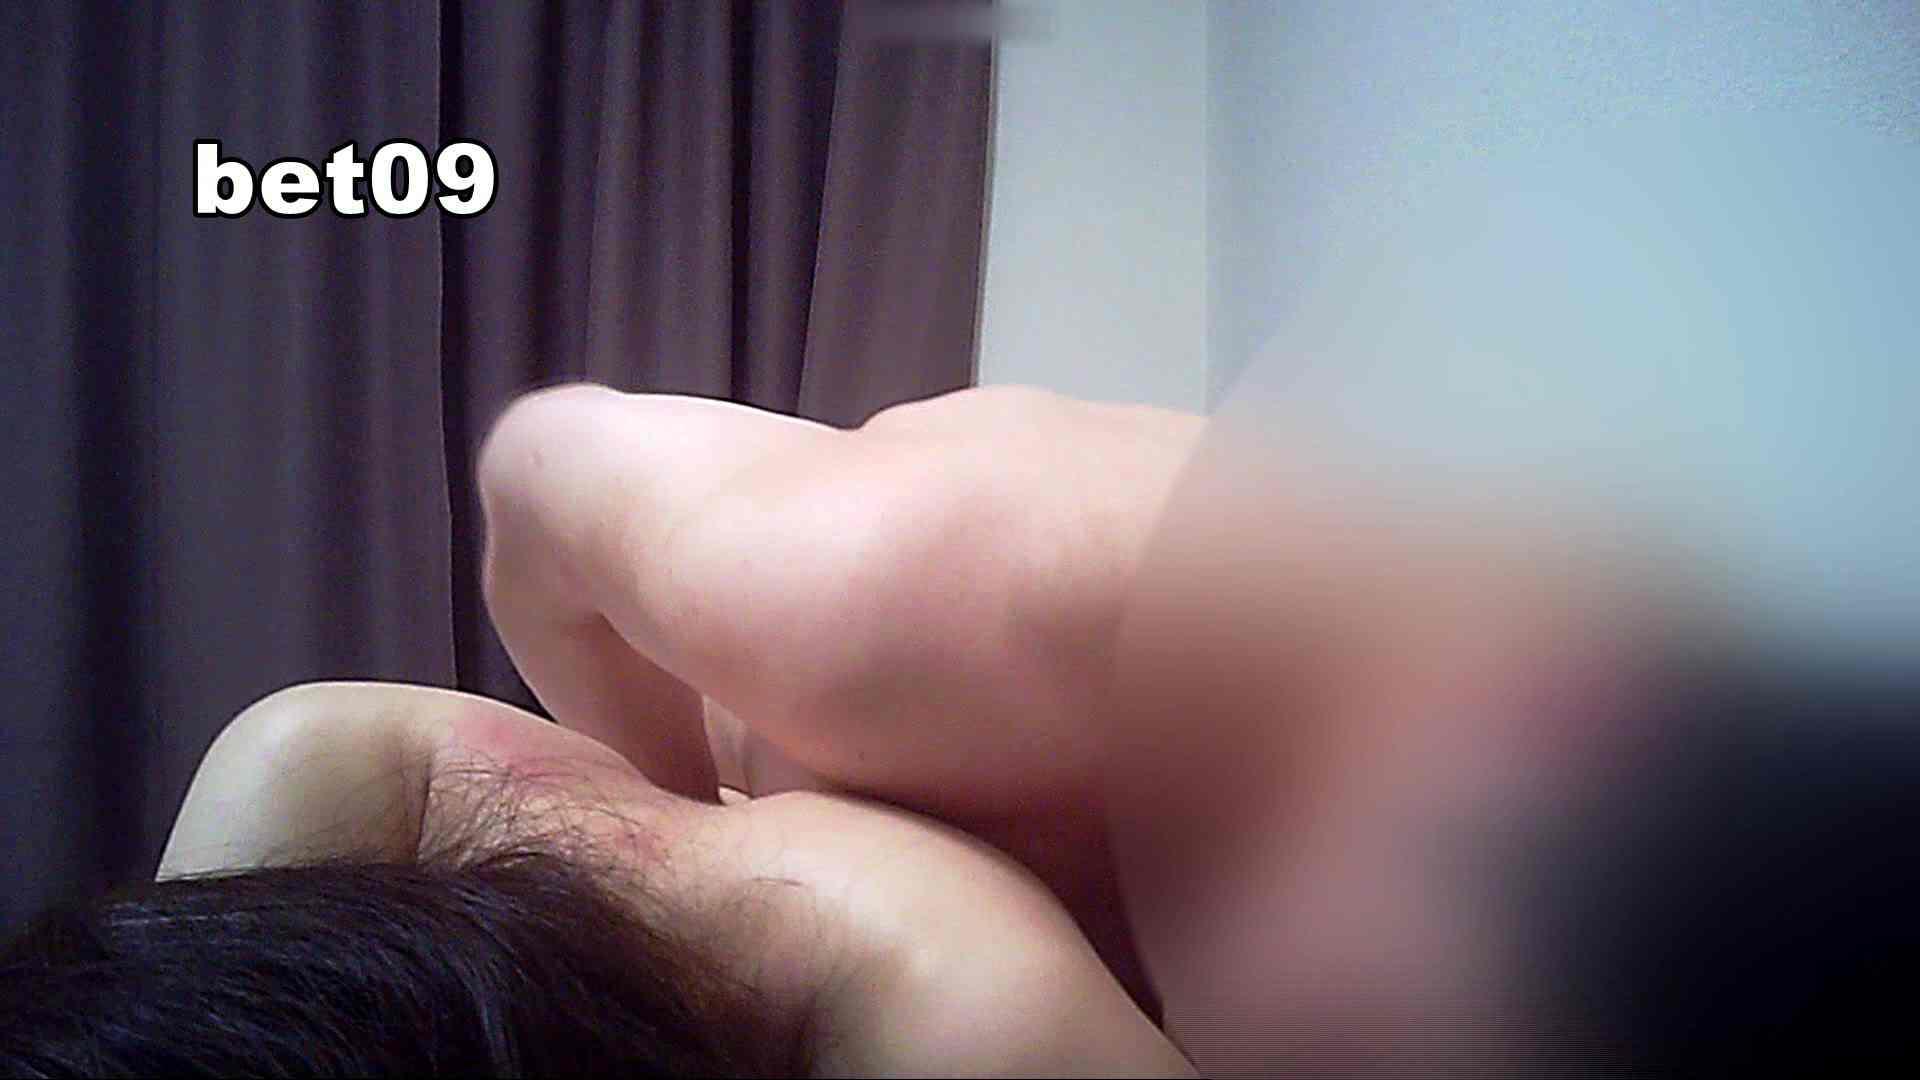 ミキ・大手旅行代理店勤務(24歳・仮名) vol.09 ミキの顔が紅潮してきます リベンジ | セックスする女性達  46画像 7